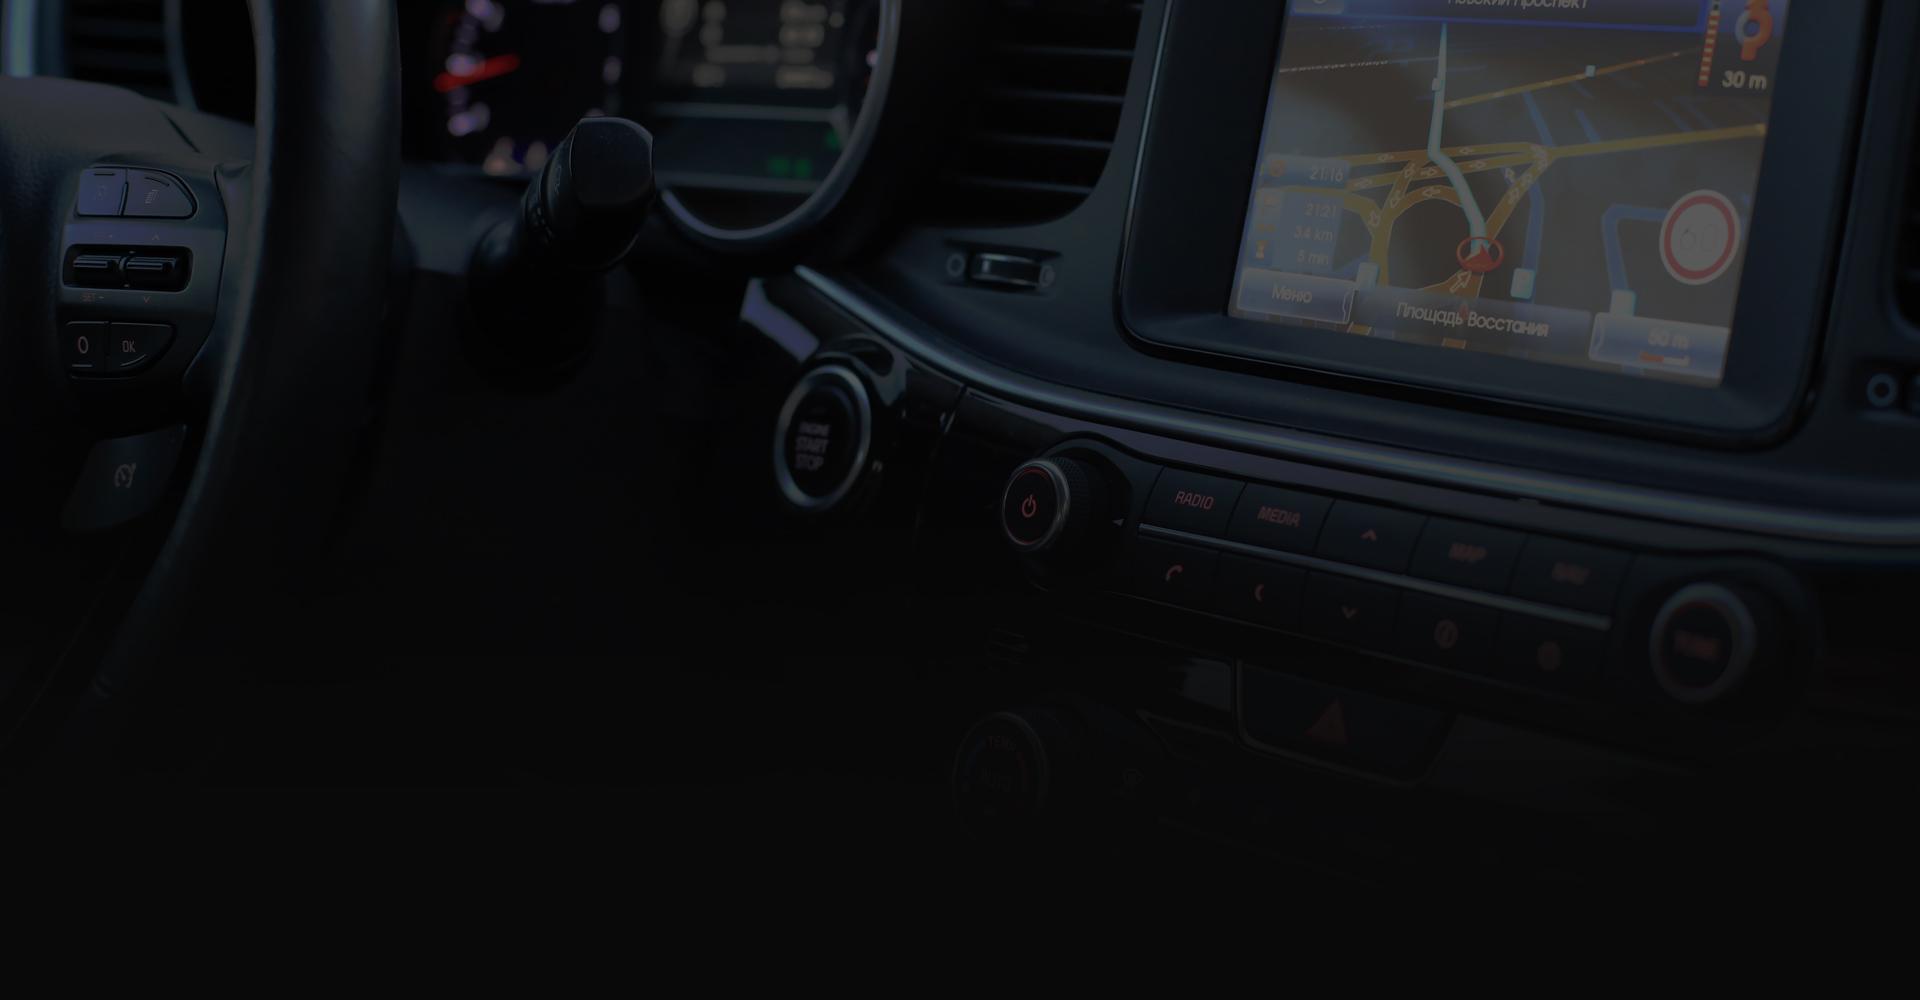 slider autoradio-gps